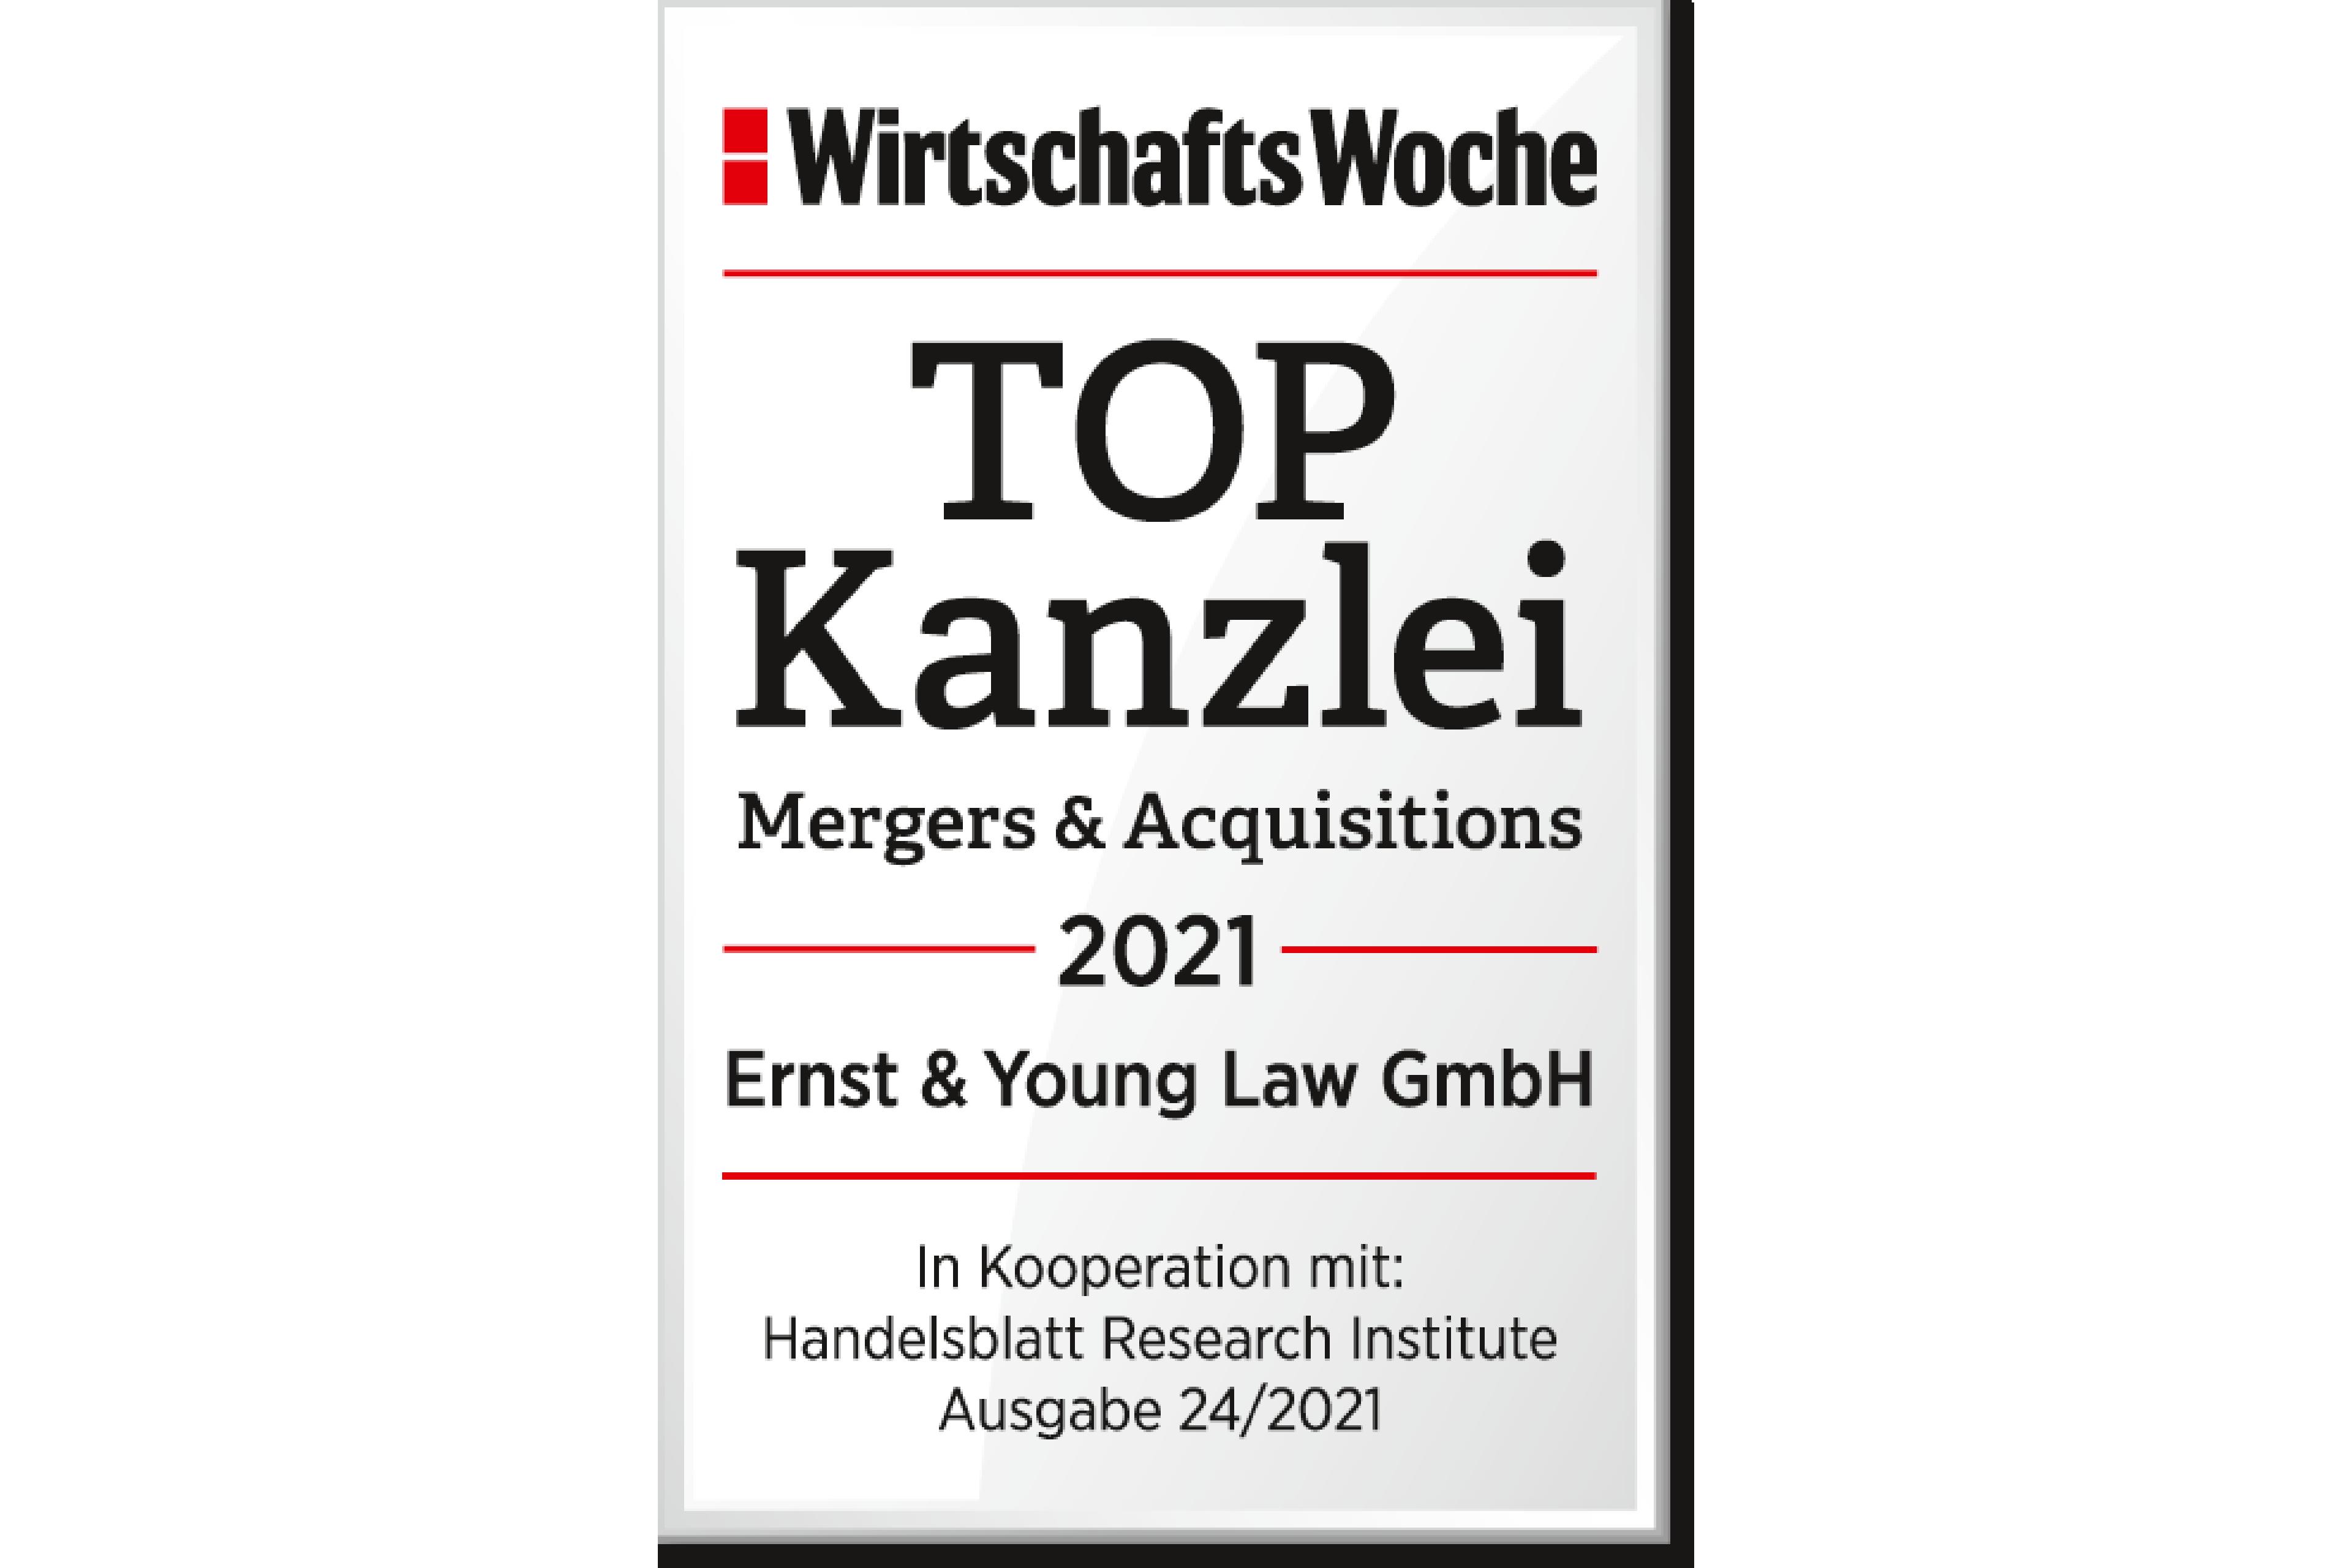 TOP Kanzlei WirtschaftsWoche 2021